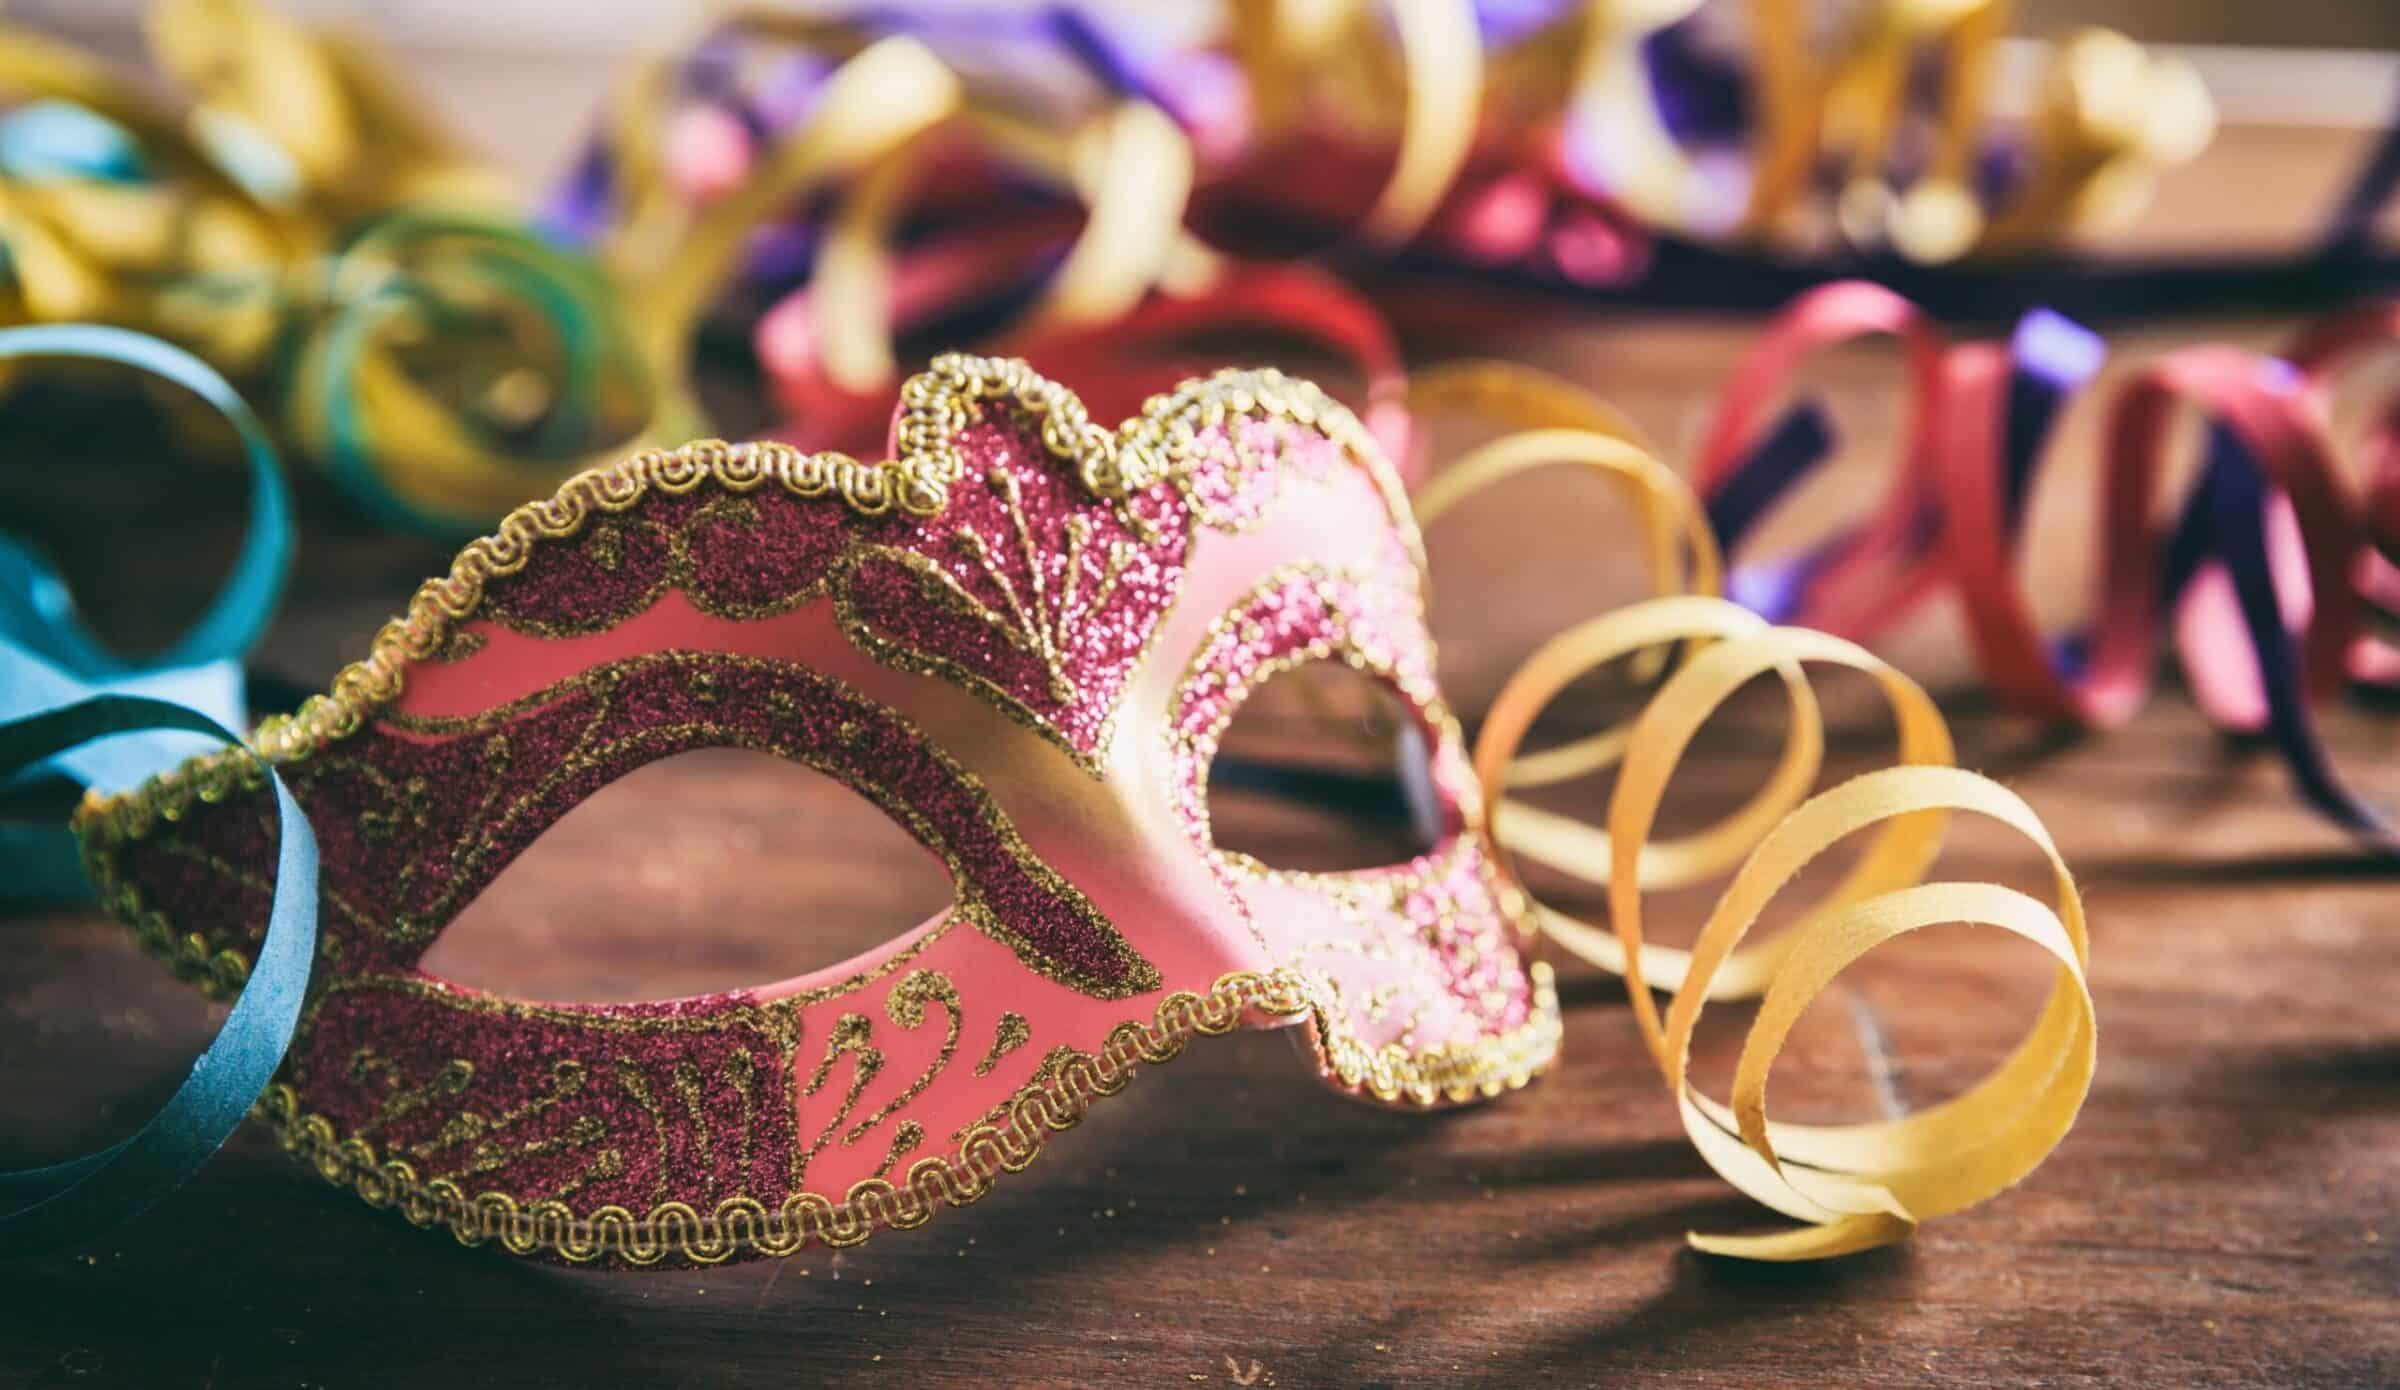 Martedì grasso 2021, cala il sipario sul Carnevale e ci si avvia verso la Quaresima… ma non per tutti